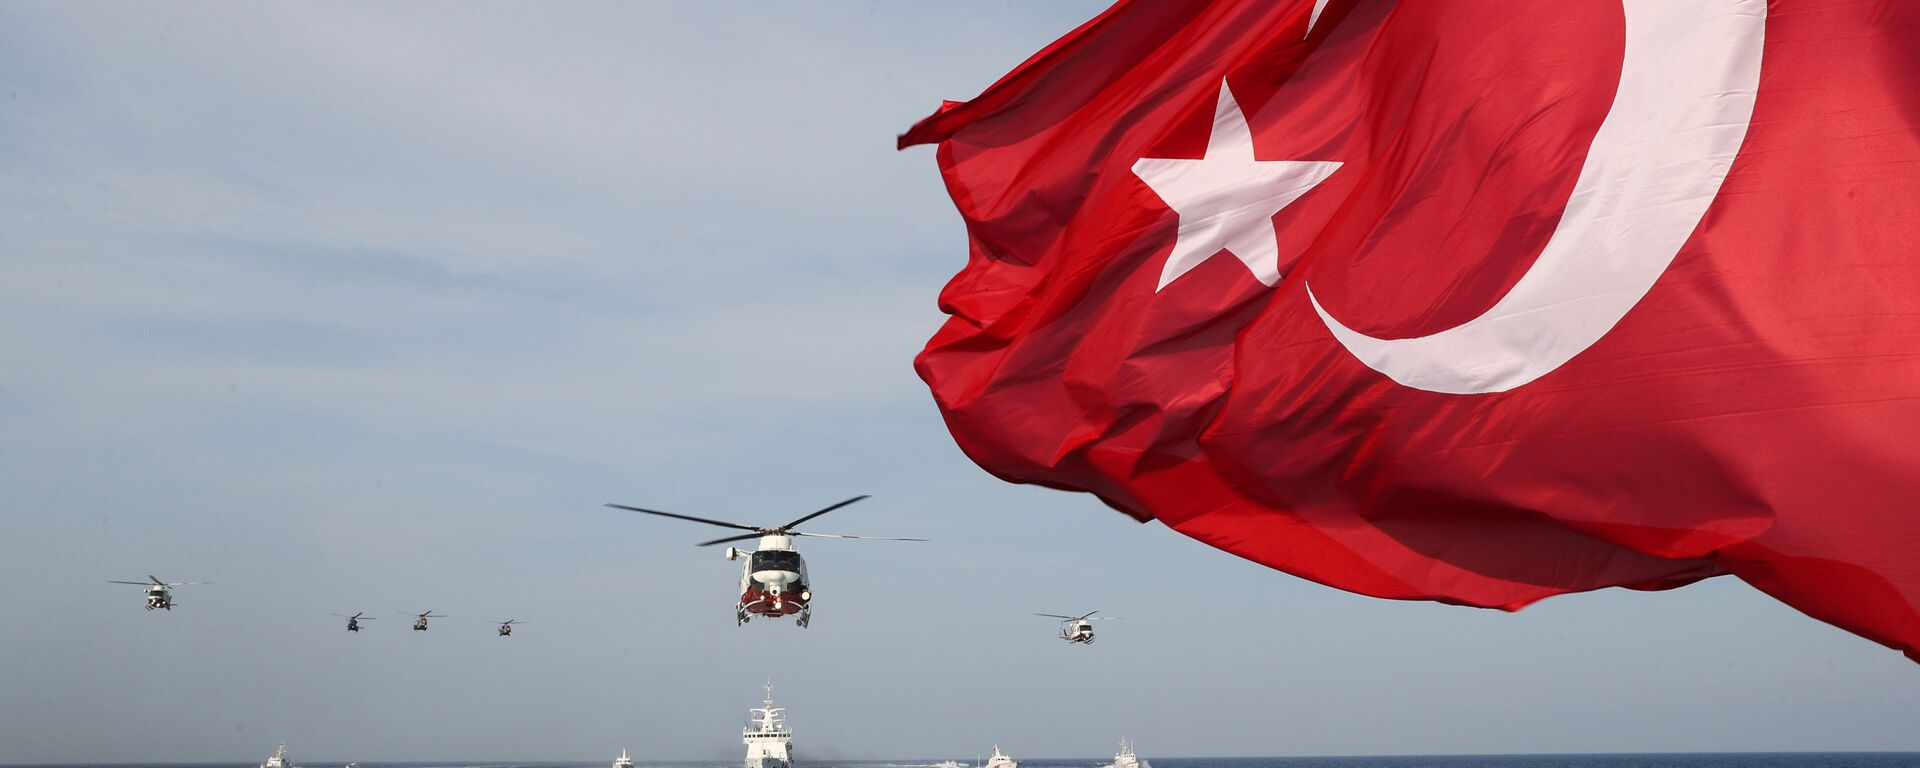 Σημαία Τουρκίας - Sputnik Ελλάδα, 1920, 06.10.2021